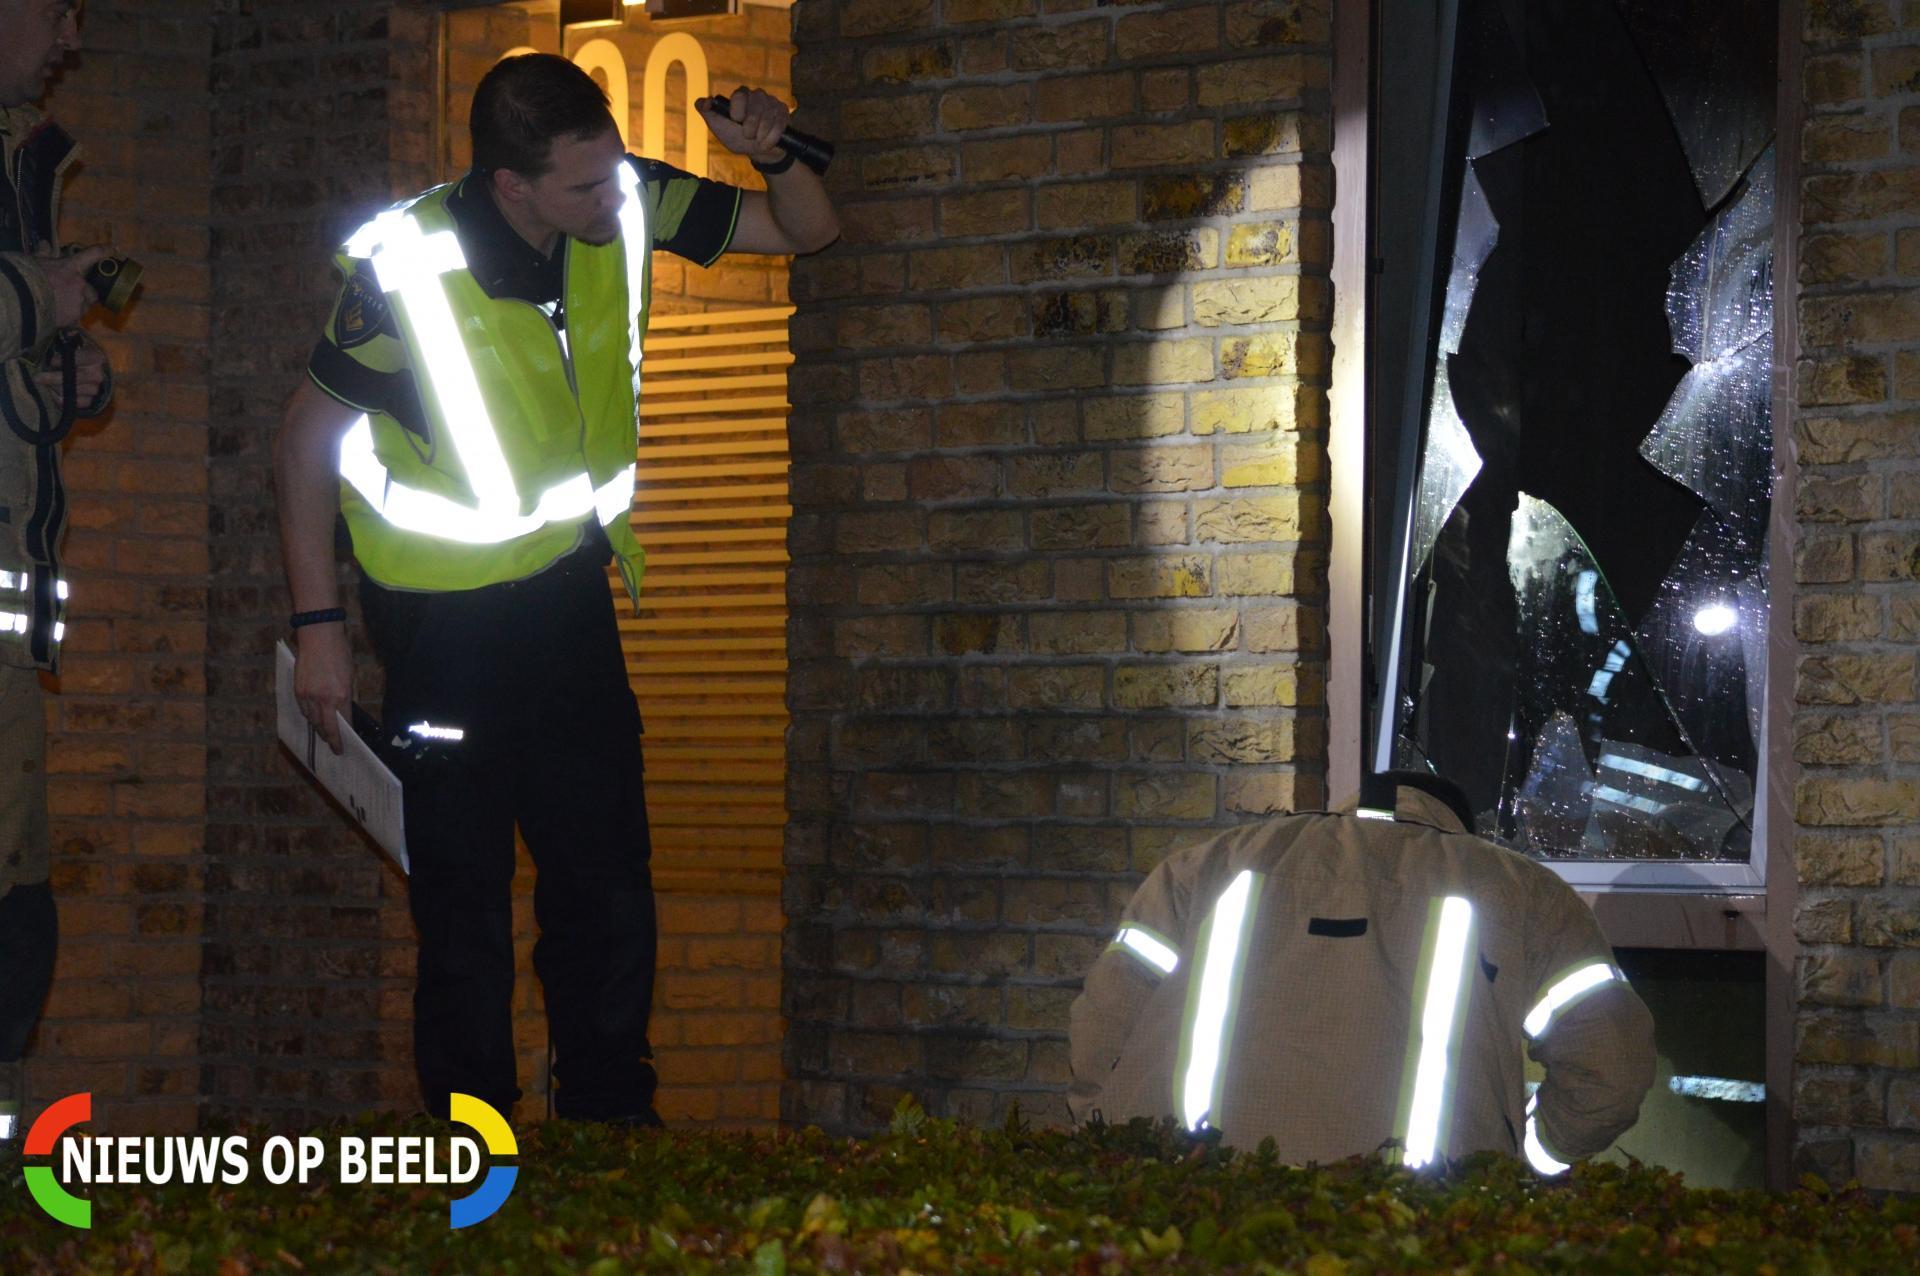 Politie op zoek naar brandstichters Rivierenstraat Berkel en Rodenrijs